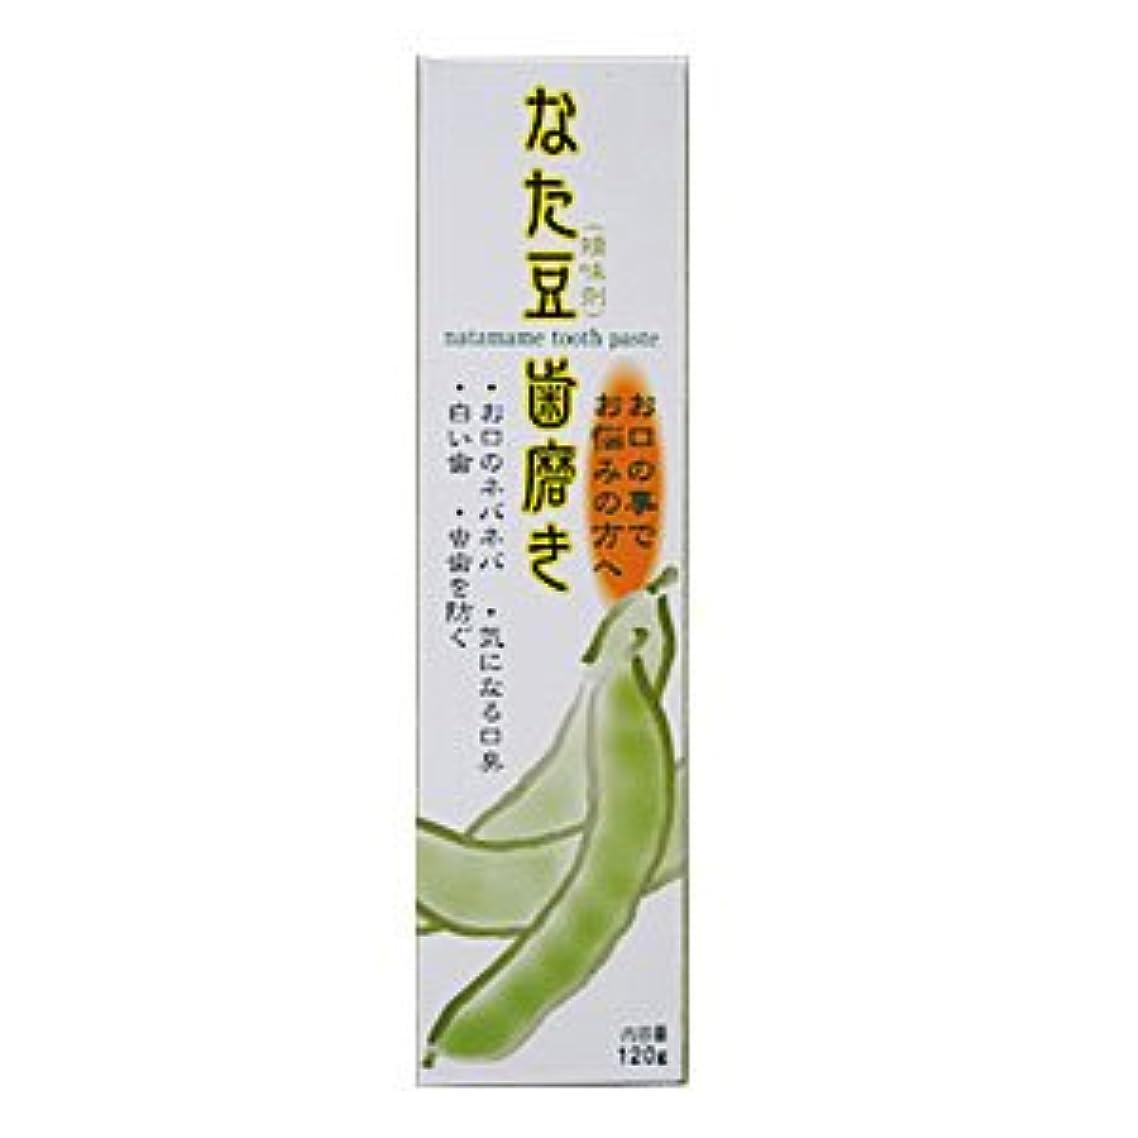 灌漑ロックグローブモルゲンロート なた豆歯磨き 120g